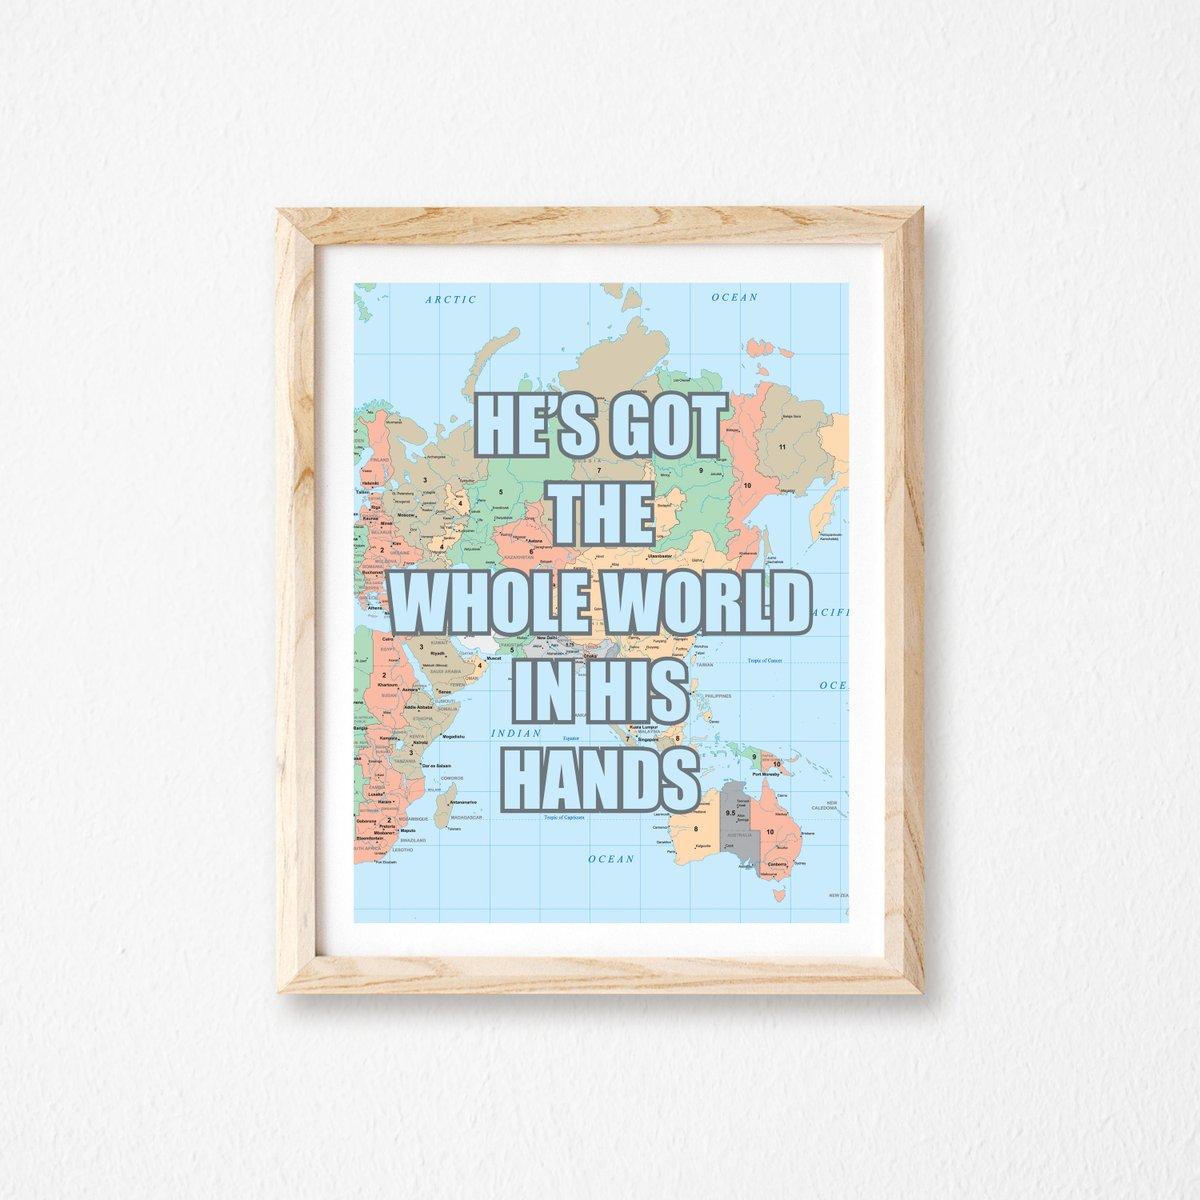 He's got the whole world in His hands Kids Room Decor Christian Wall Art https://t.co/9DKHaYgkZC #truebluedesignco #Etsy #ChristianWallDecor https://t.co/VG3r4Djbuc